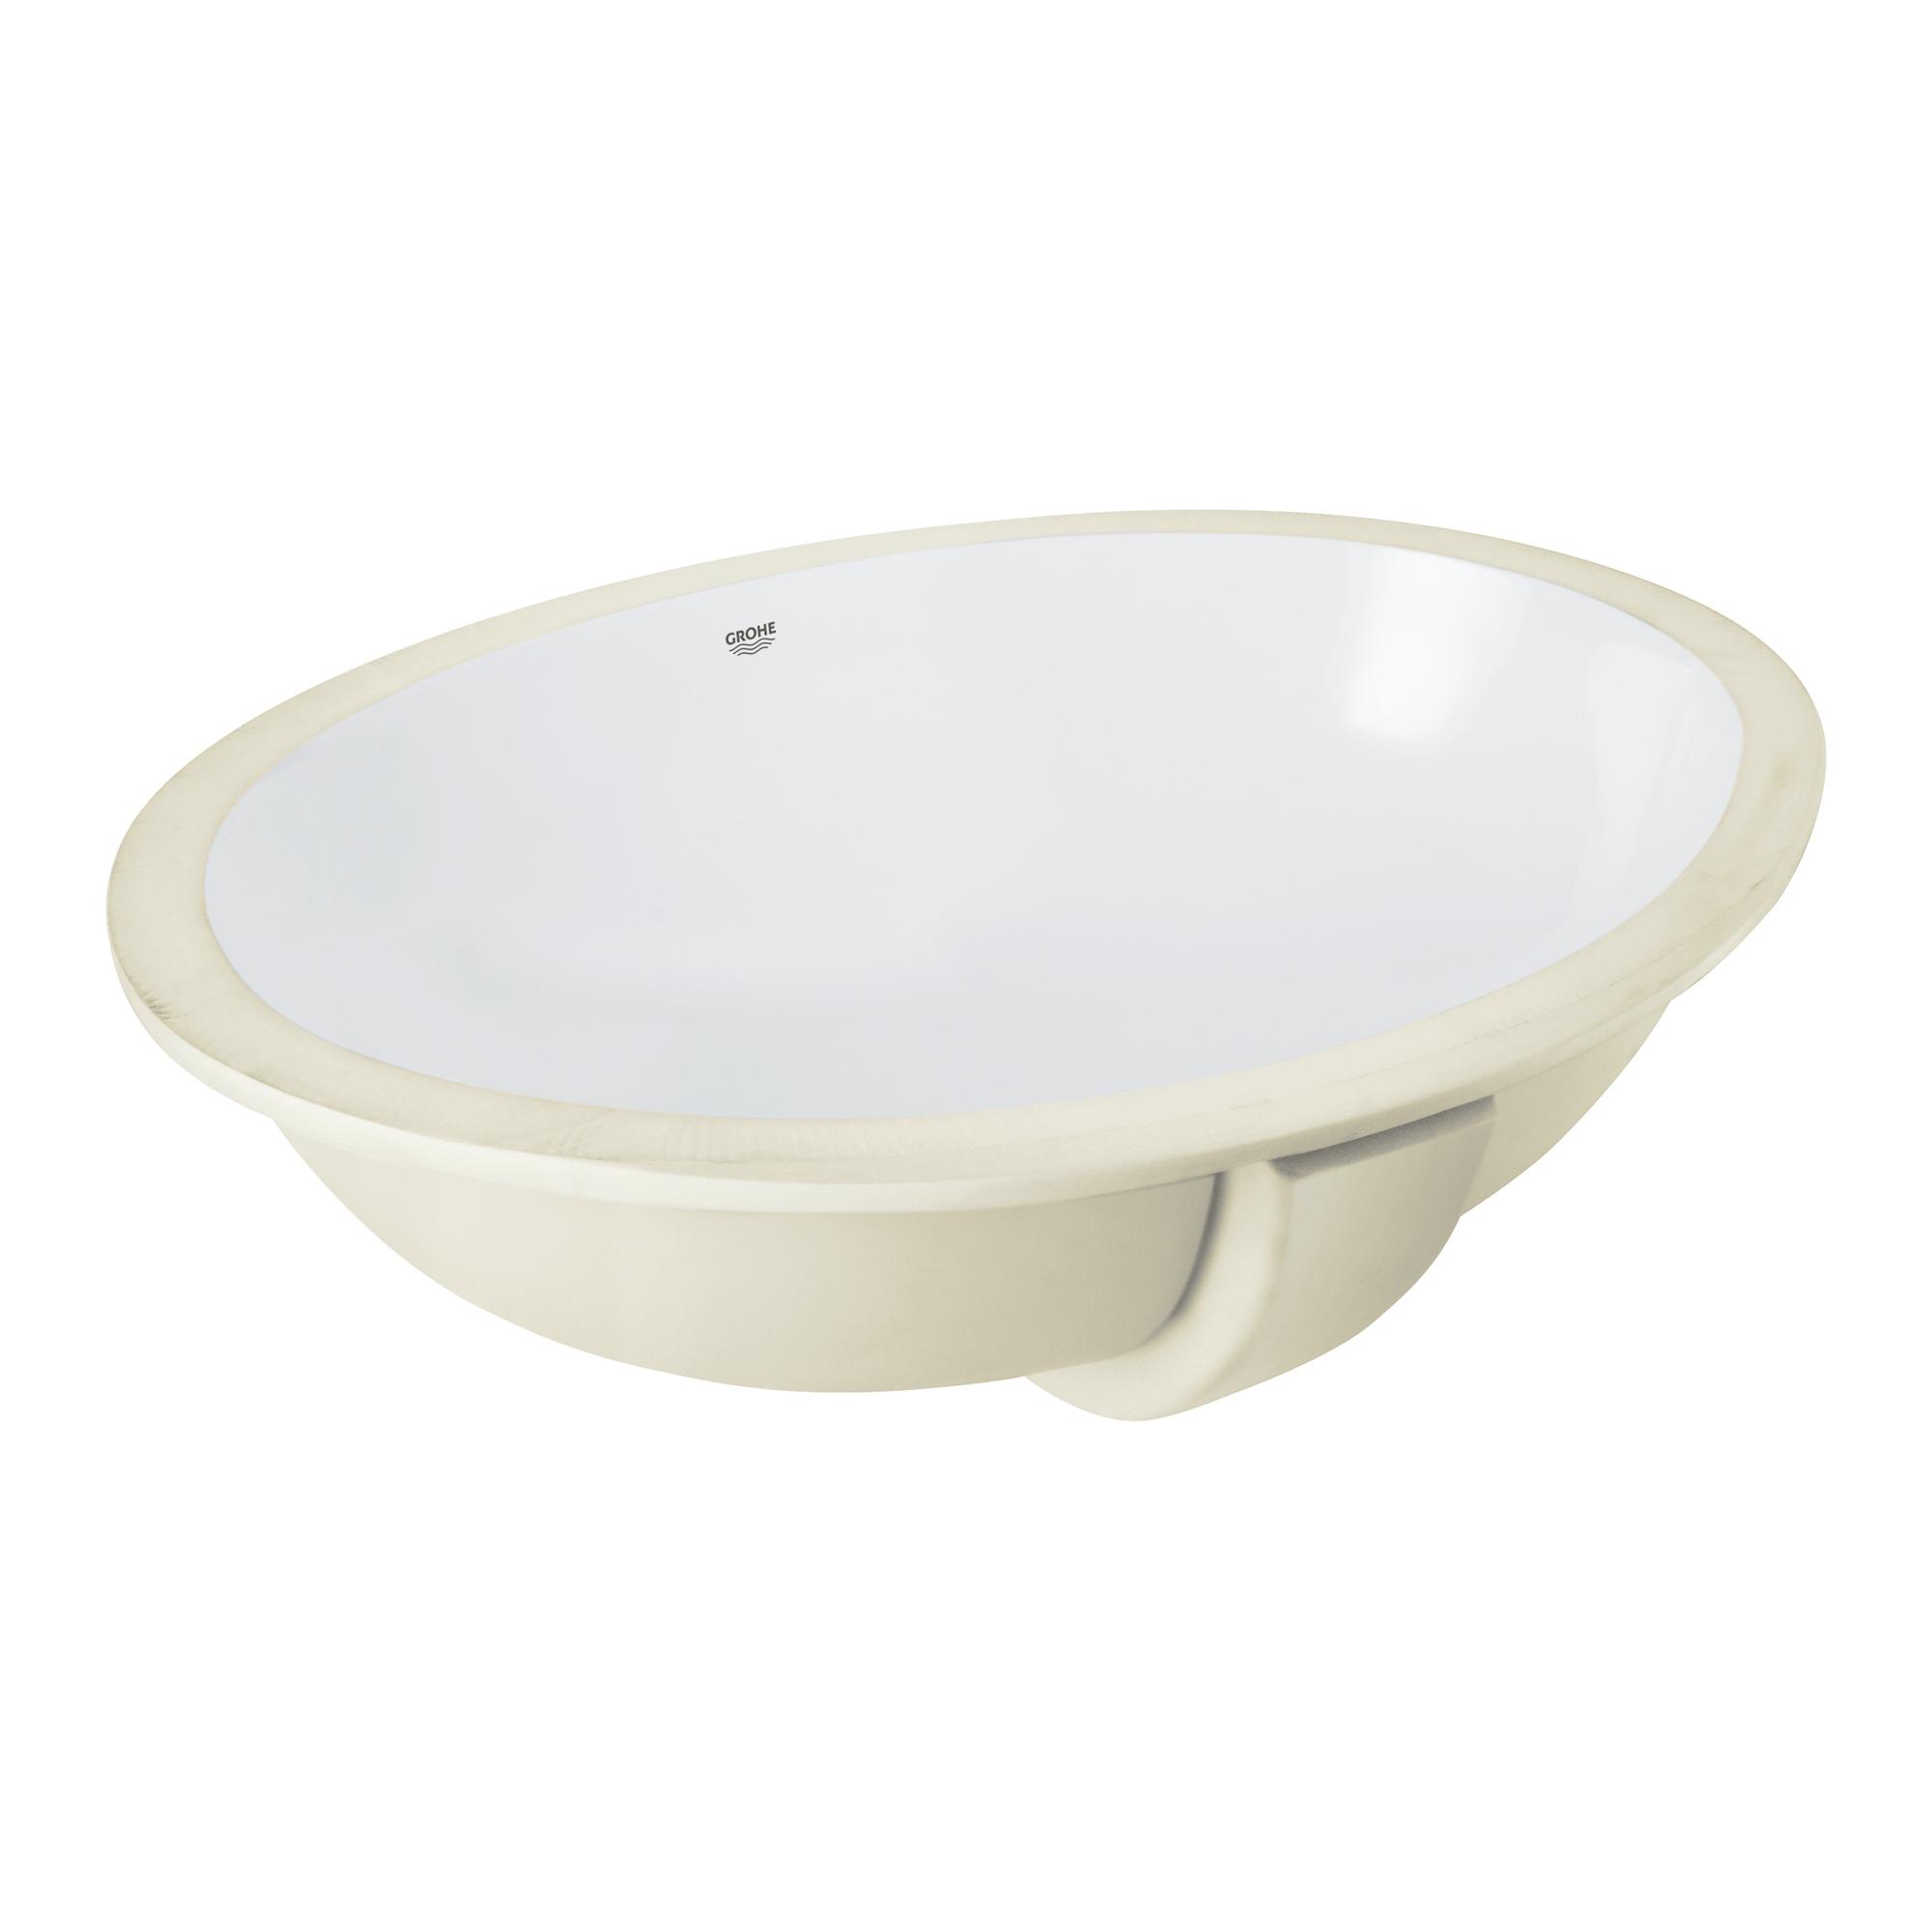 Встраиваемая раковина GROHE Universal 55 см, альпин-белый (39423000)